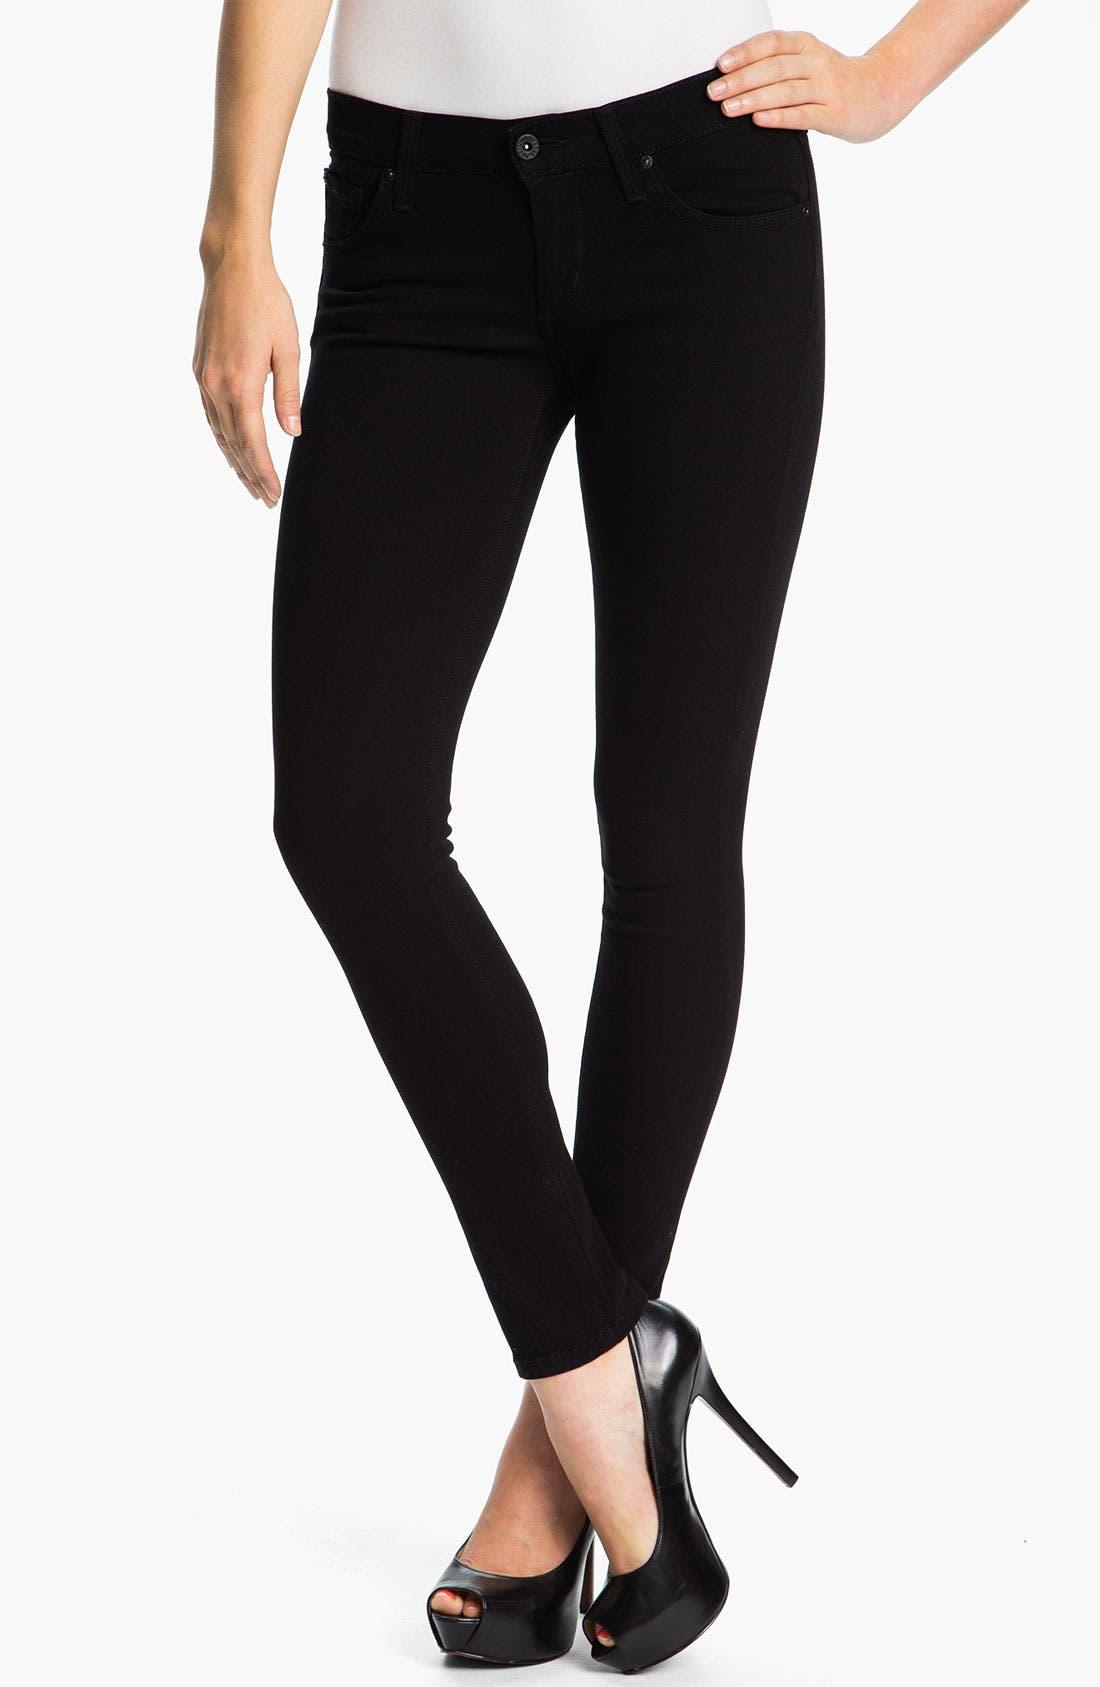 Main Image - James Jeans 'Ritchie' Slim Jeans (Black Clean) (Petite) (Online Exclusive)